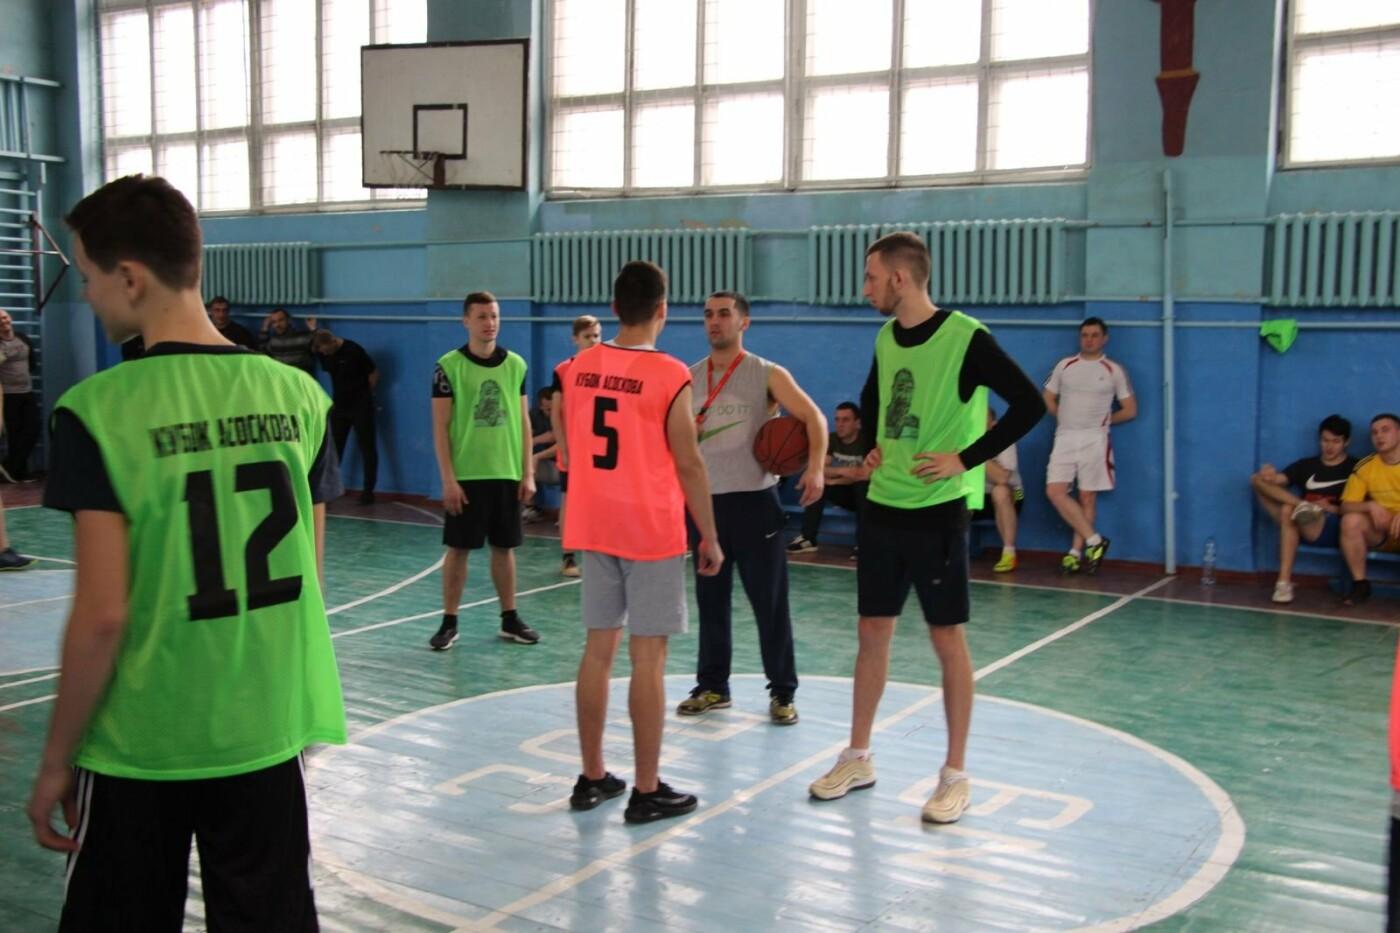 У Костянтинівці відбувся баскетбольний турнір «Кубок пам'яті Асоскова - 2020», фото-1